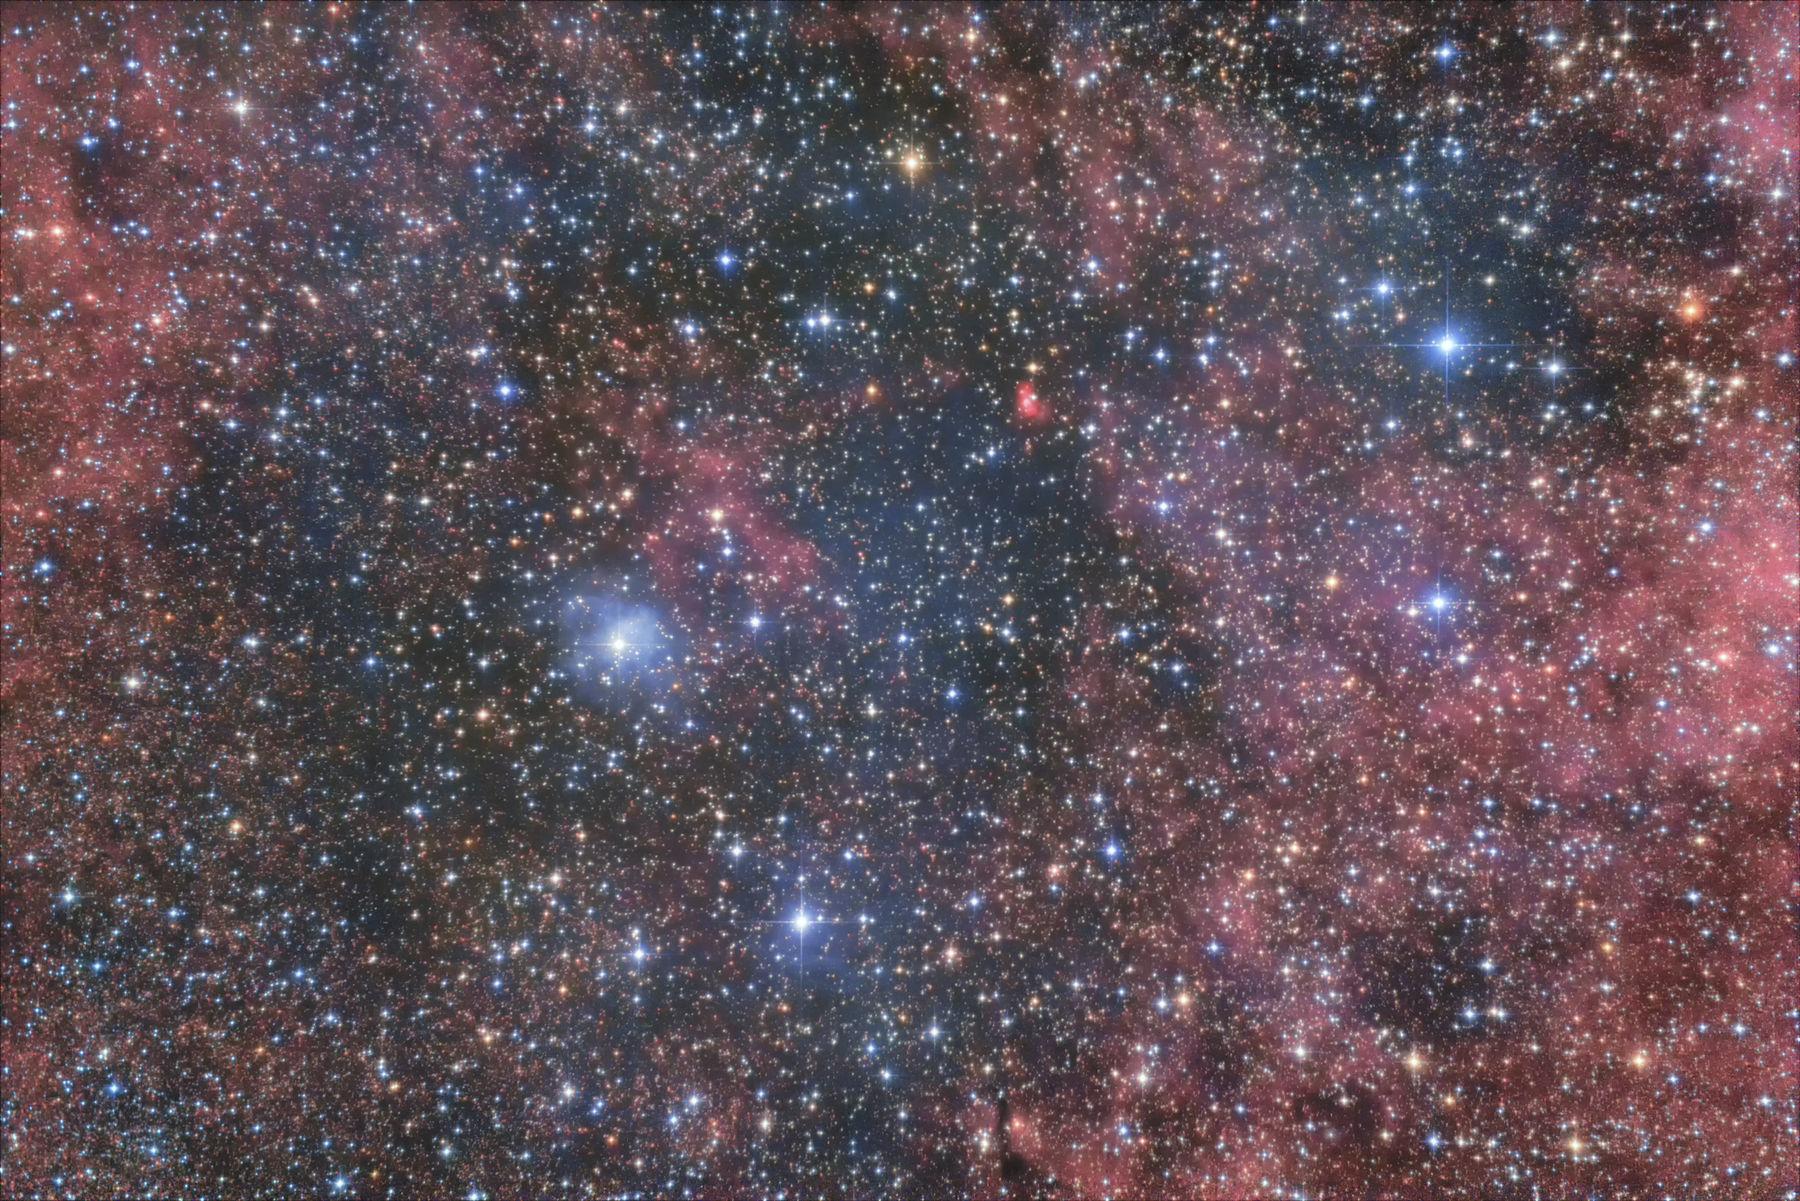 【星雲】はくちょう座 反射星雲 vdB133、 散光星雲 sh2-106